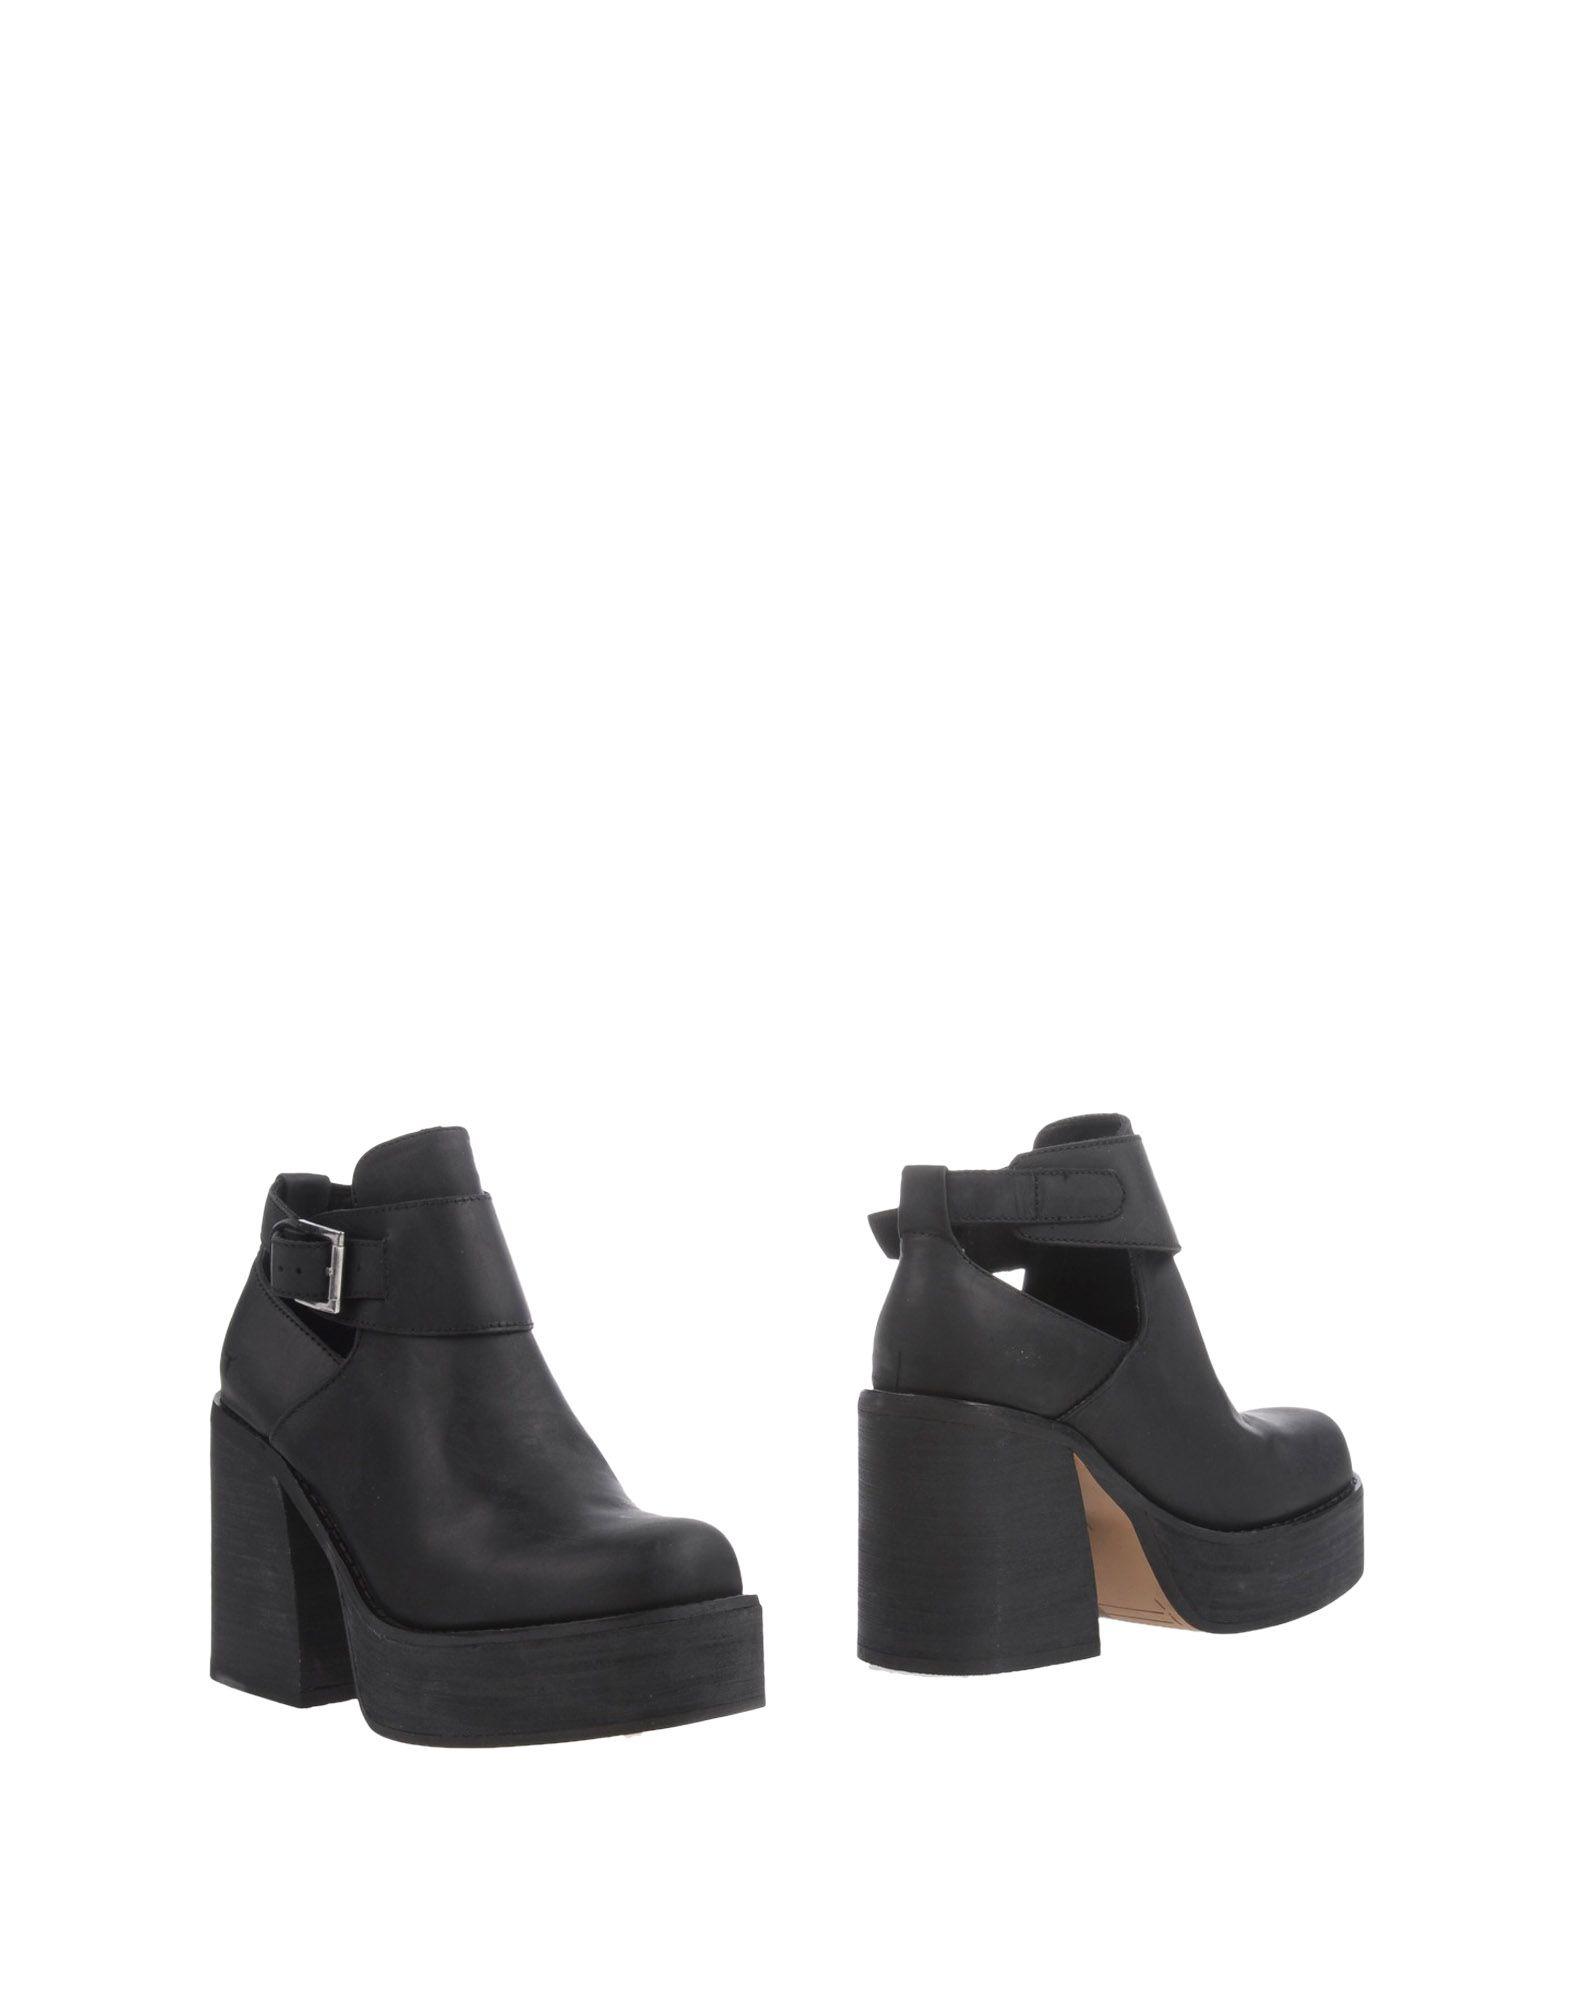 Windsor Smith Stiefelette Qualität Damen  11216851XE Gute Qualität Stiefelette beliebte Schuhe c932af